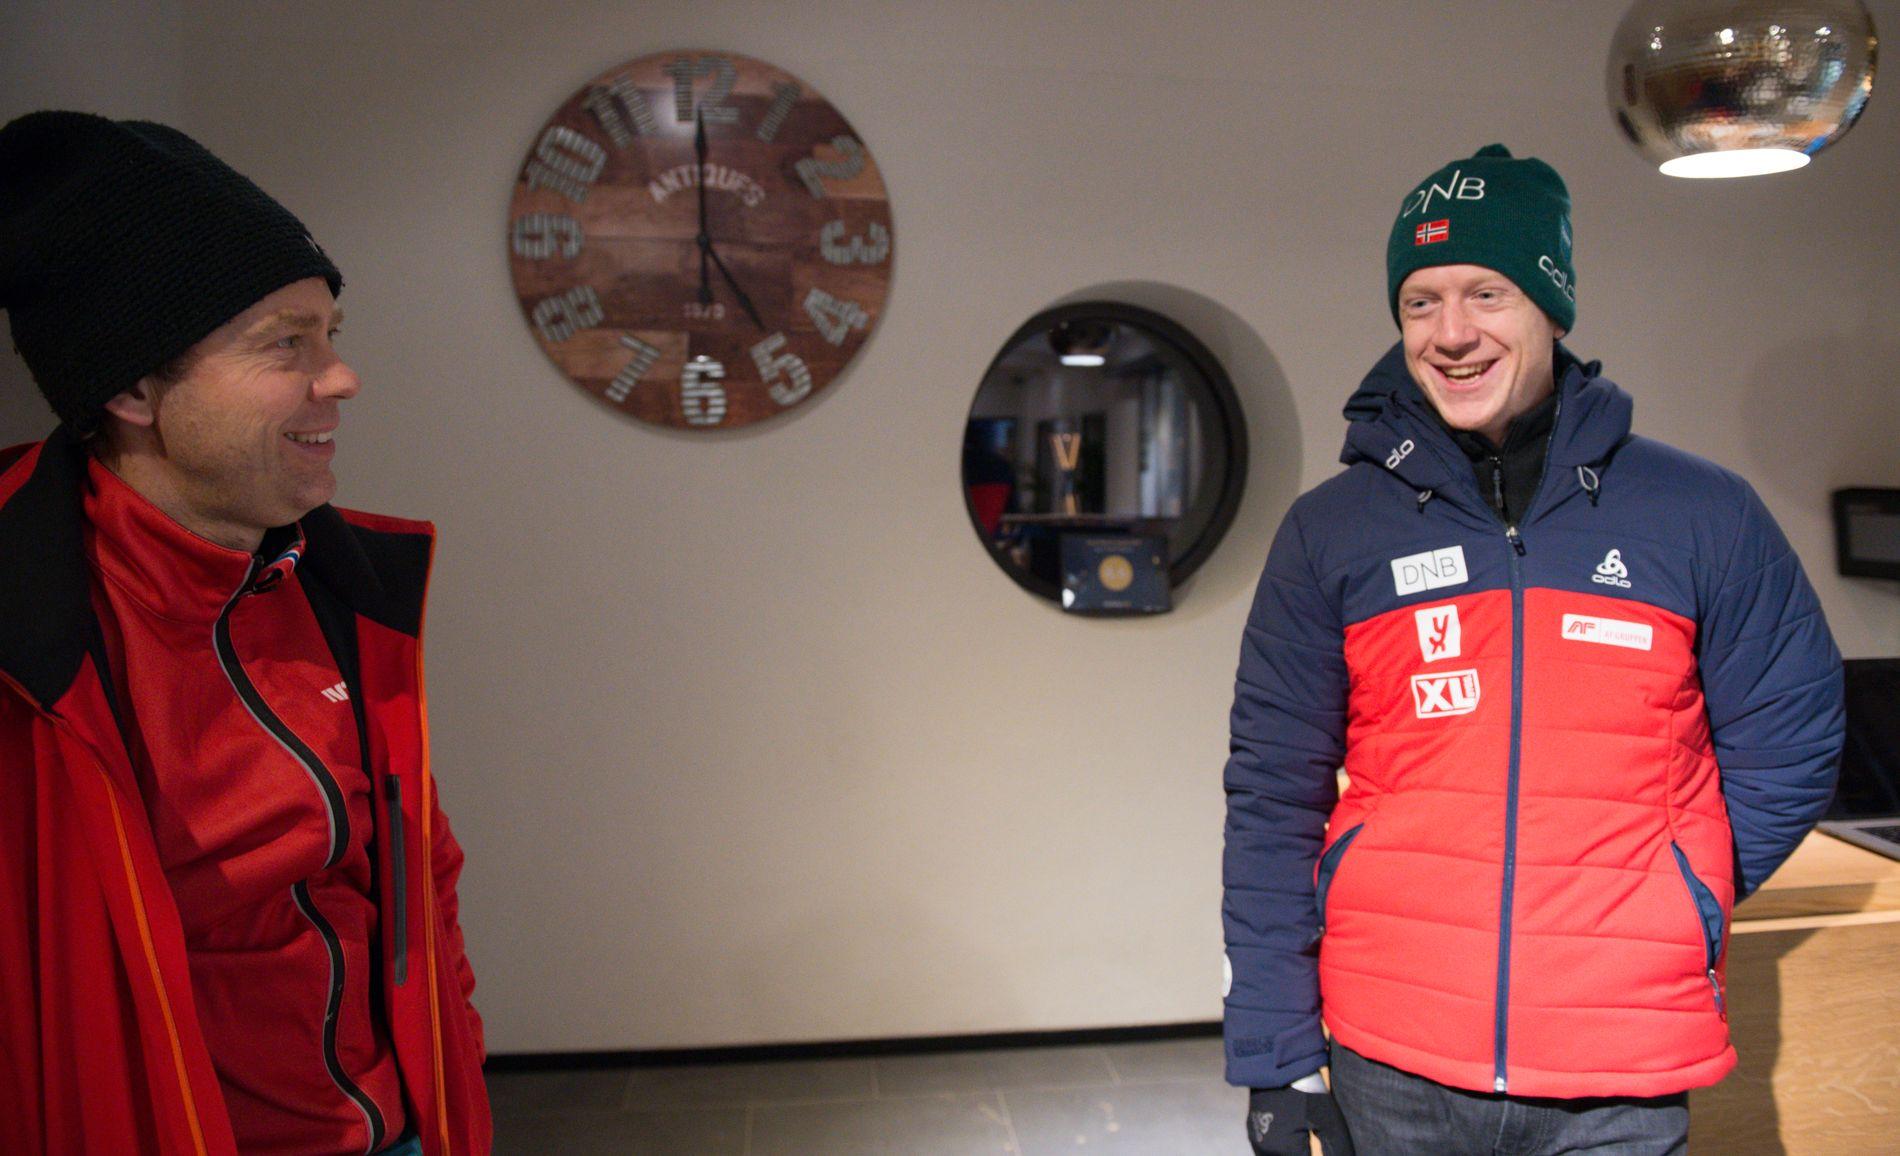 MUNTERT MØTE: Johannes Thingnes Bø (t.h.) tok en prat med NRK-ekspert Halvard Hanevold før onsdagens 20-kilometer.